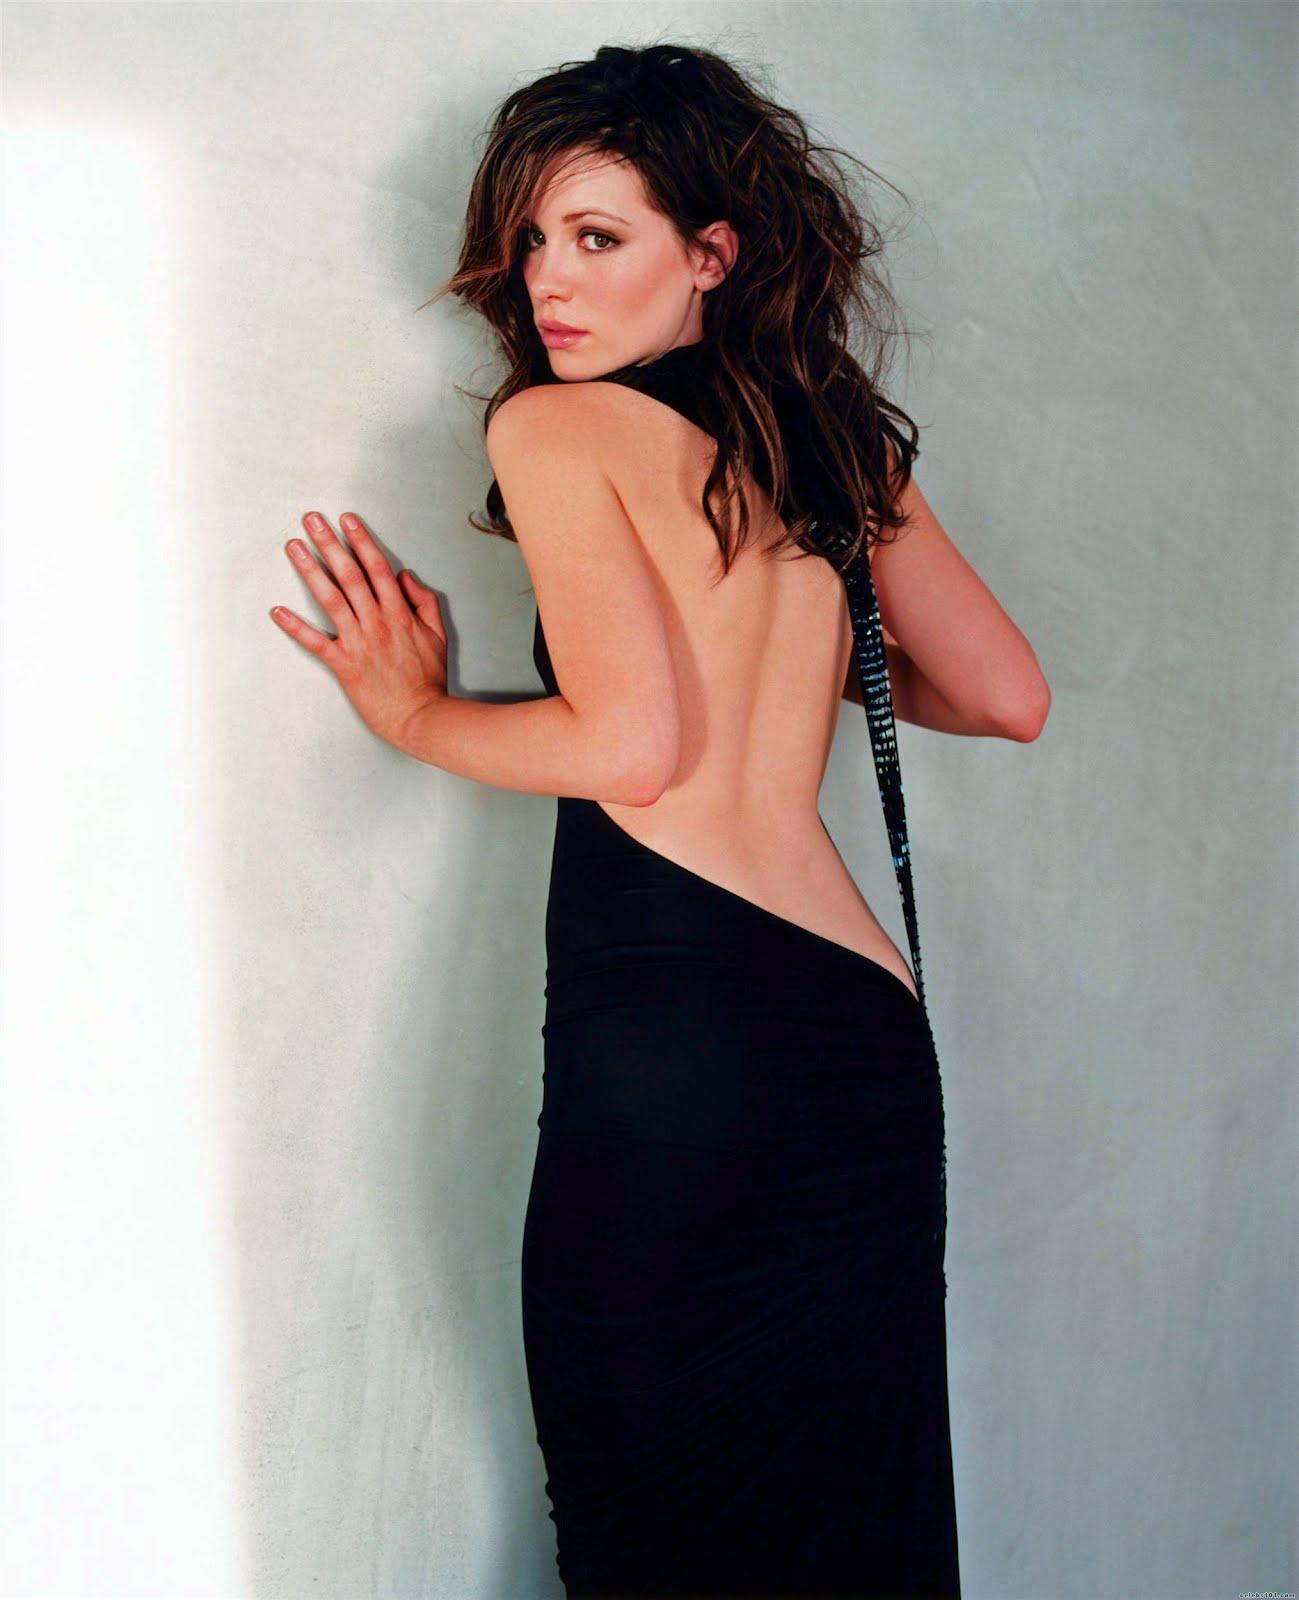 http://1.bp.blogspot.com/-anYbHbbXDOo/Txb90hSW1oI/AAAAAAAAAkU/XHKcuS8fmPo/s1600/Kate-Beckinsale-Black-Dress-hot-2012-02.jpg